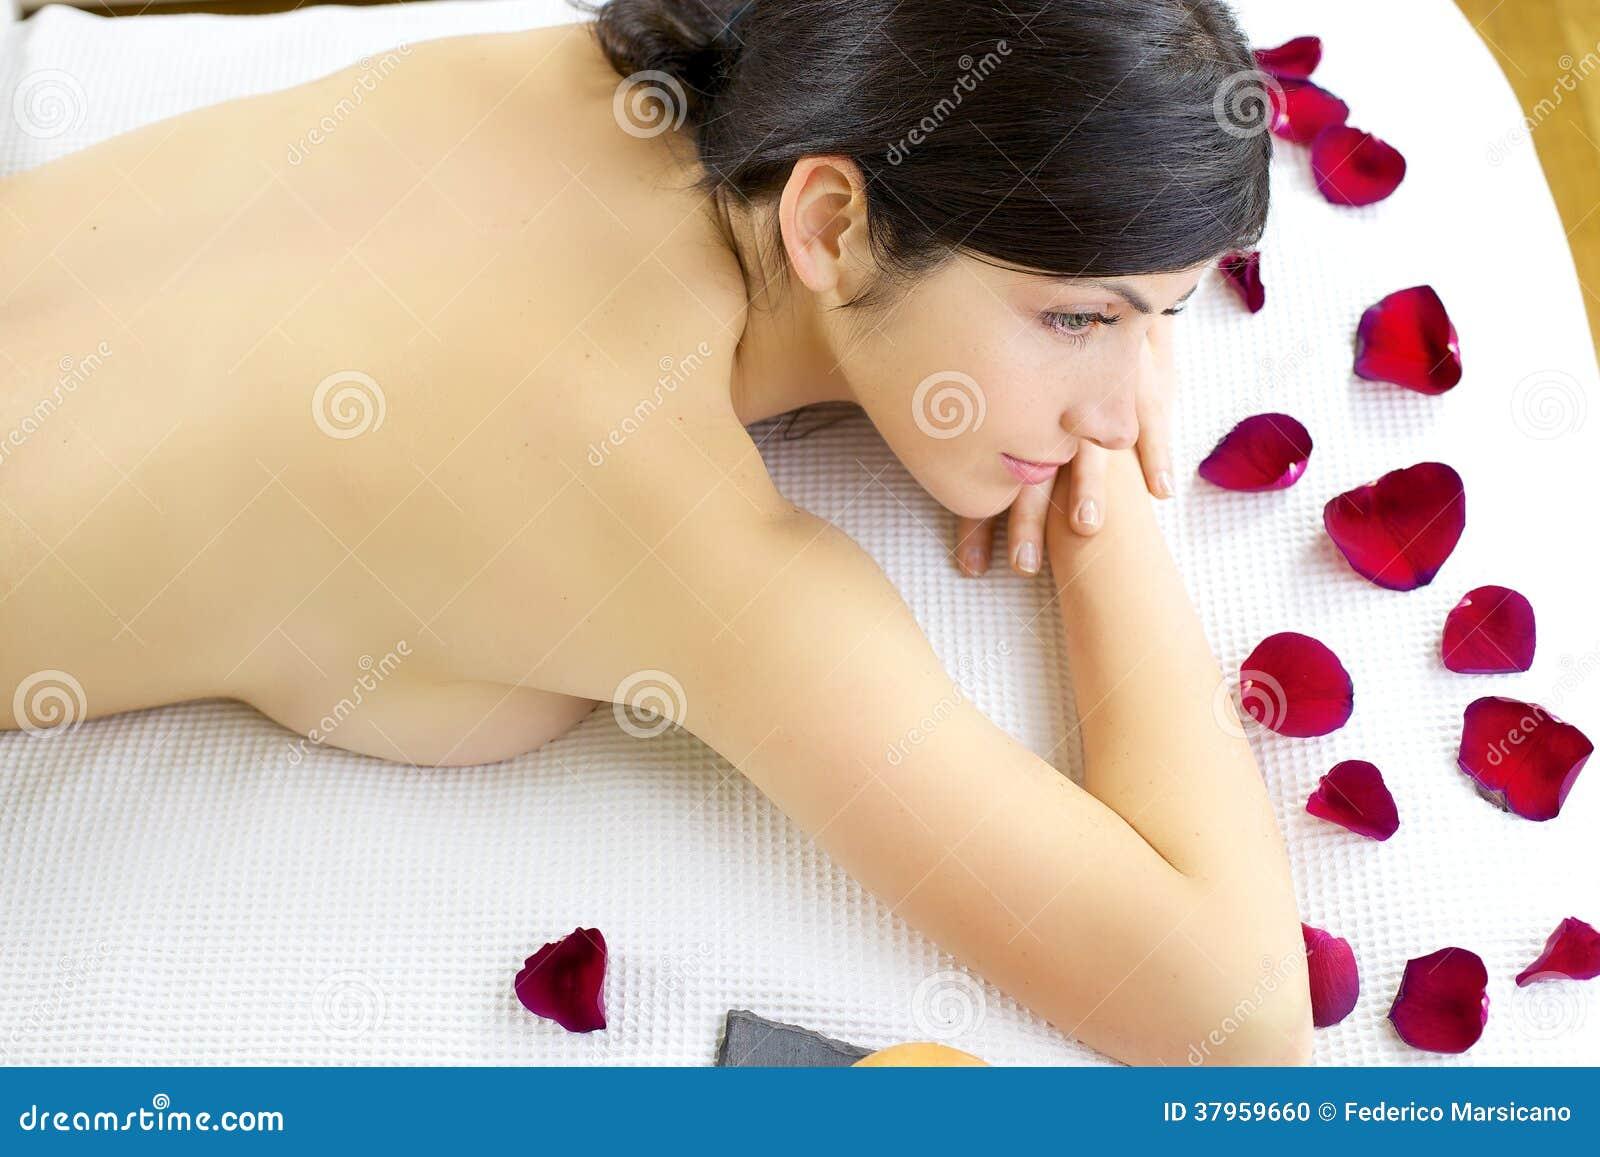 naakt foto s van vrouwen exotische massage